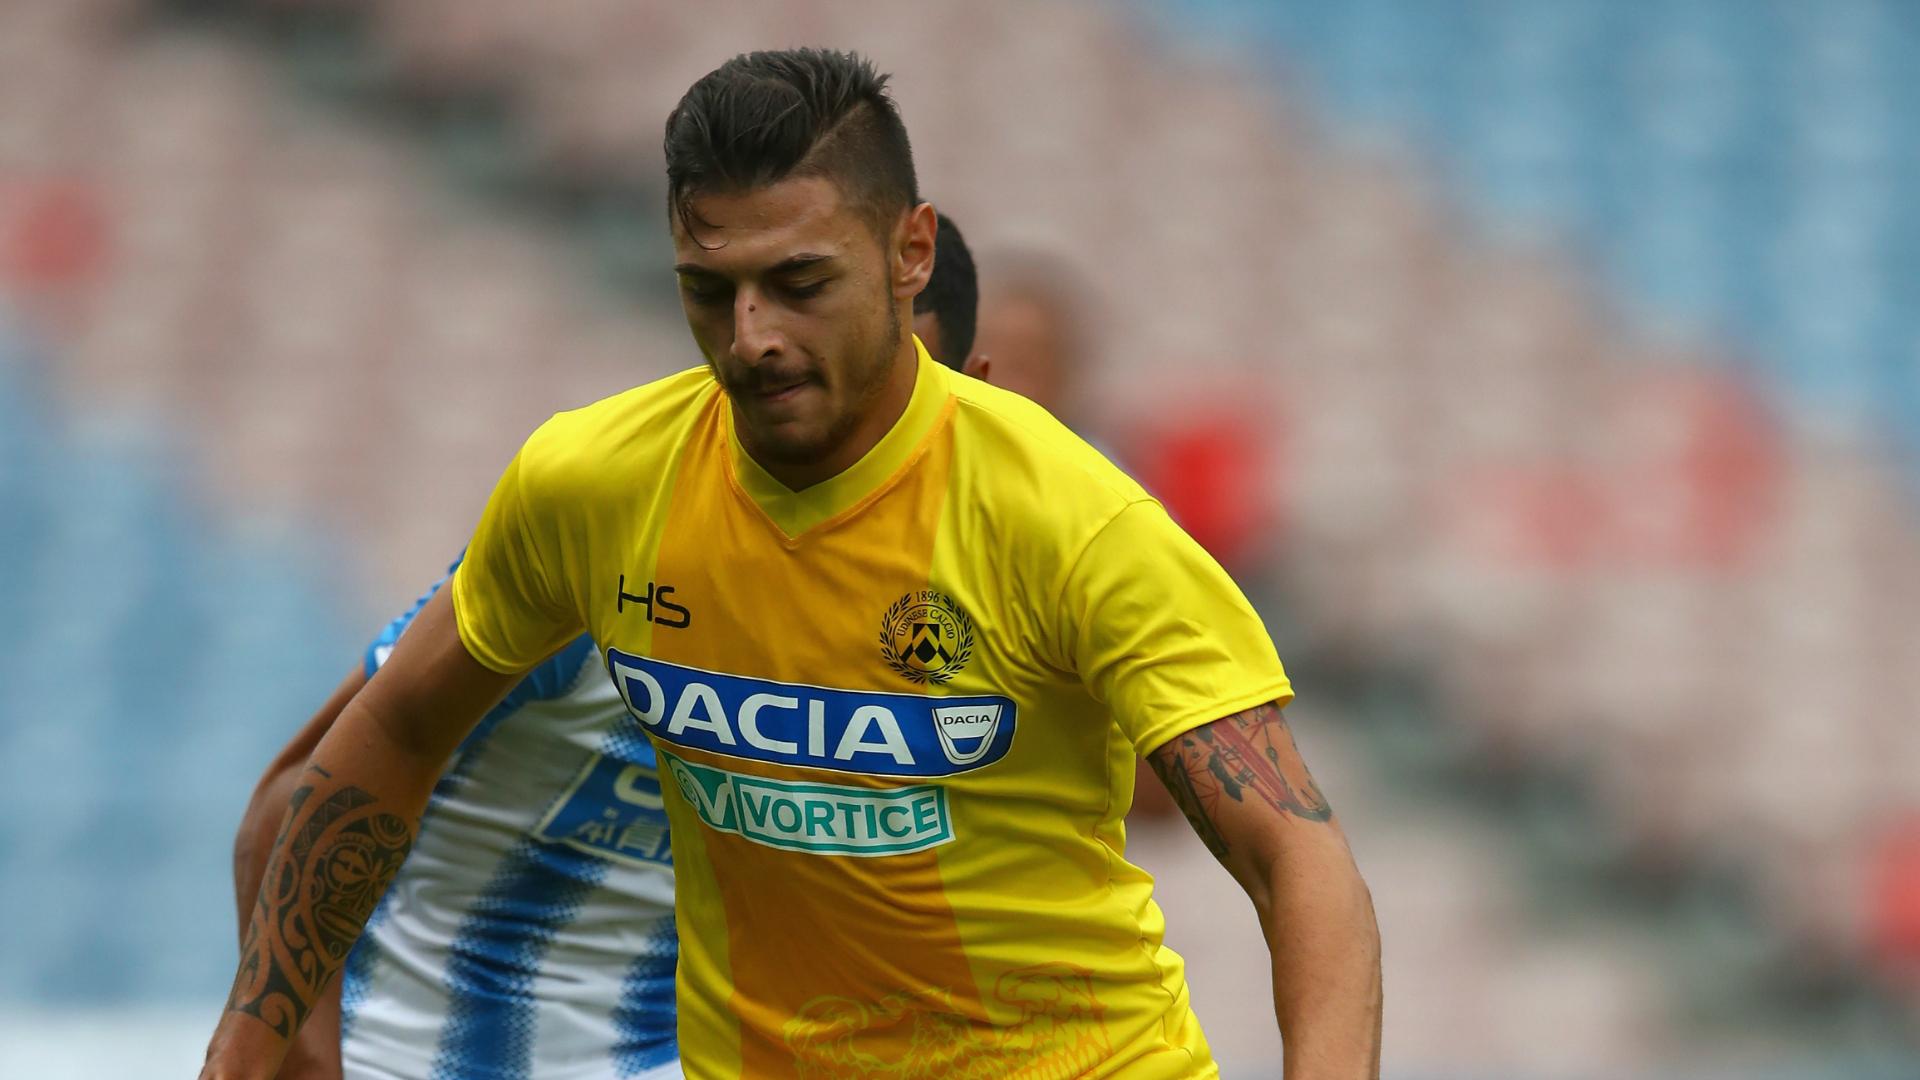 Udinese - Chievo Verona, le probabili formazioni | I tecnici puntano